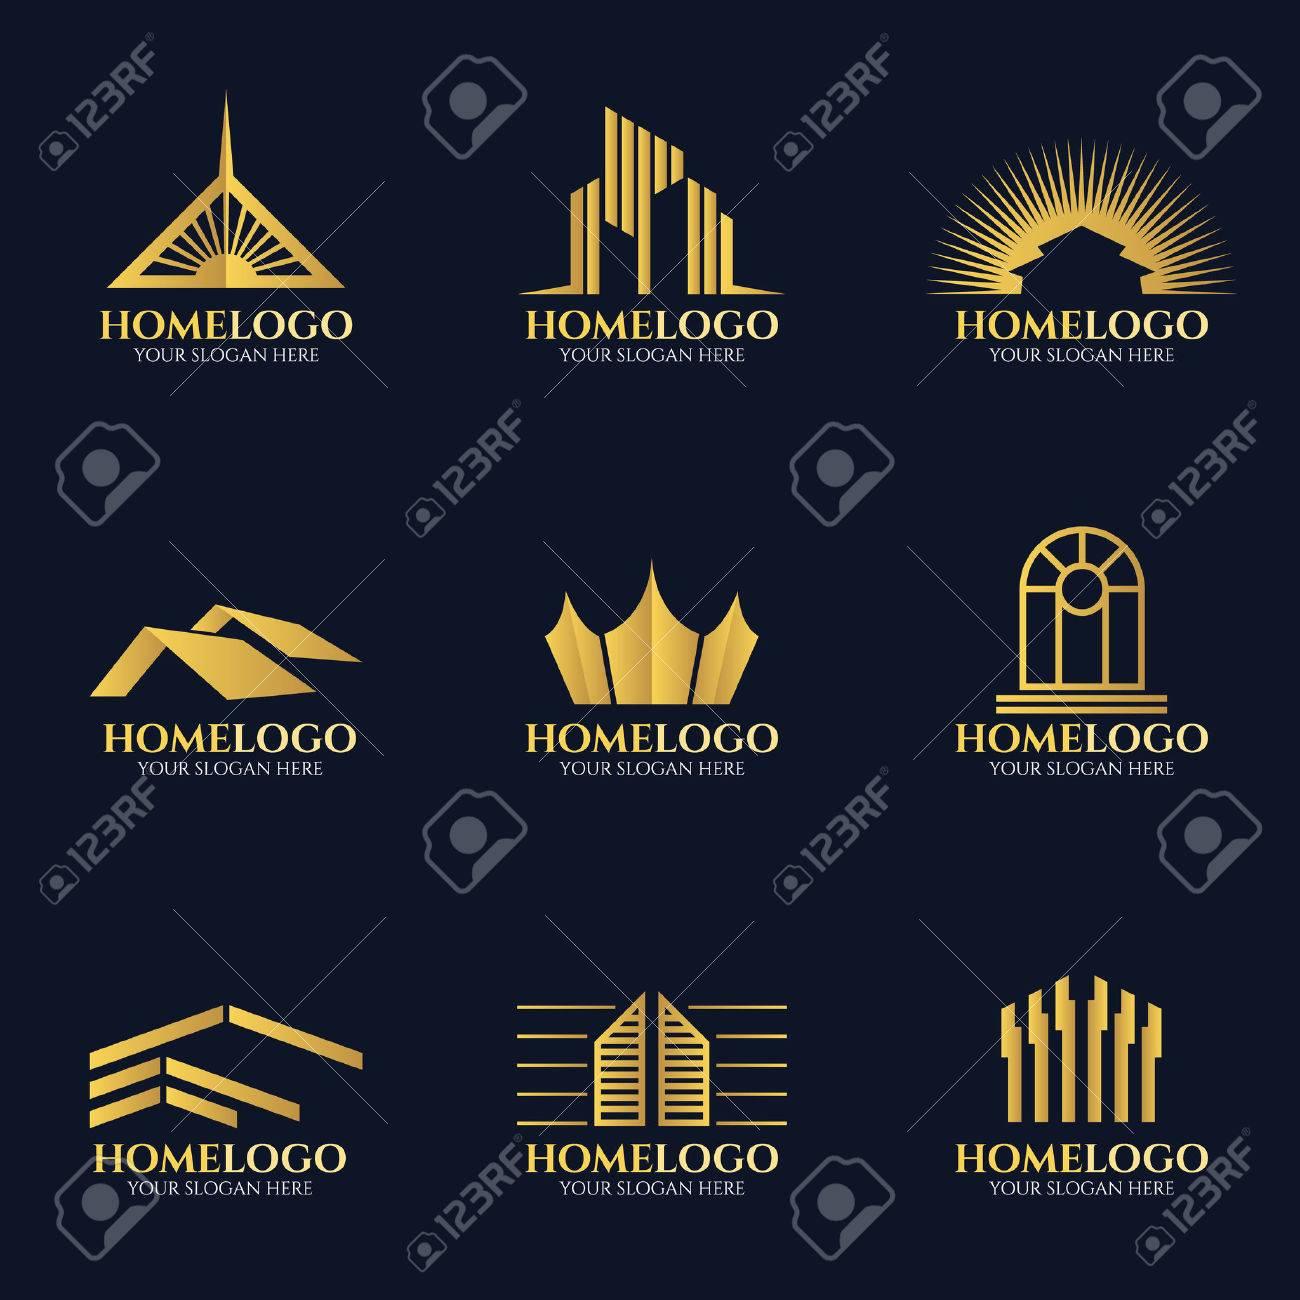 Golden home logo vector set design - 55659068